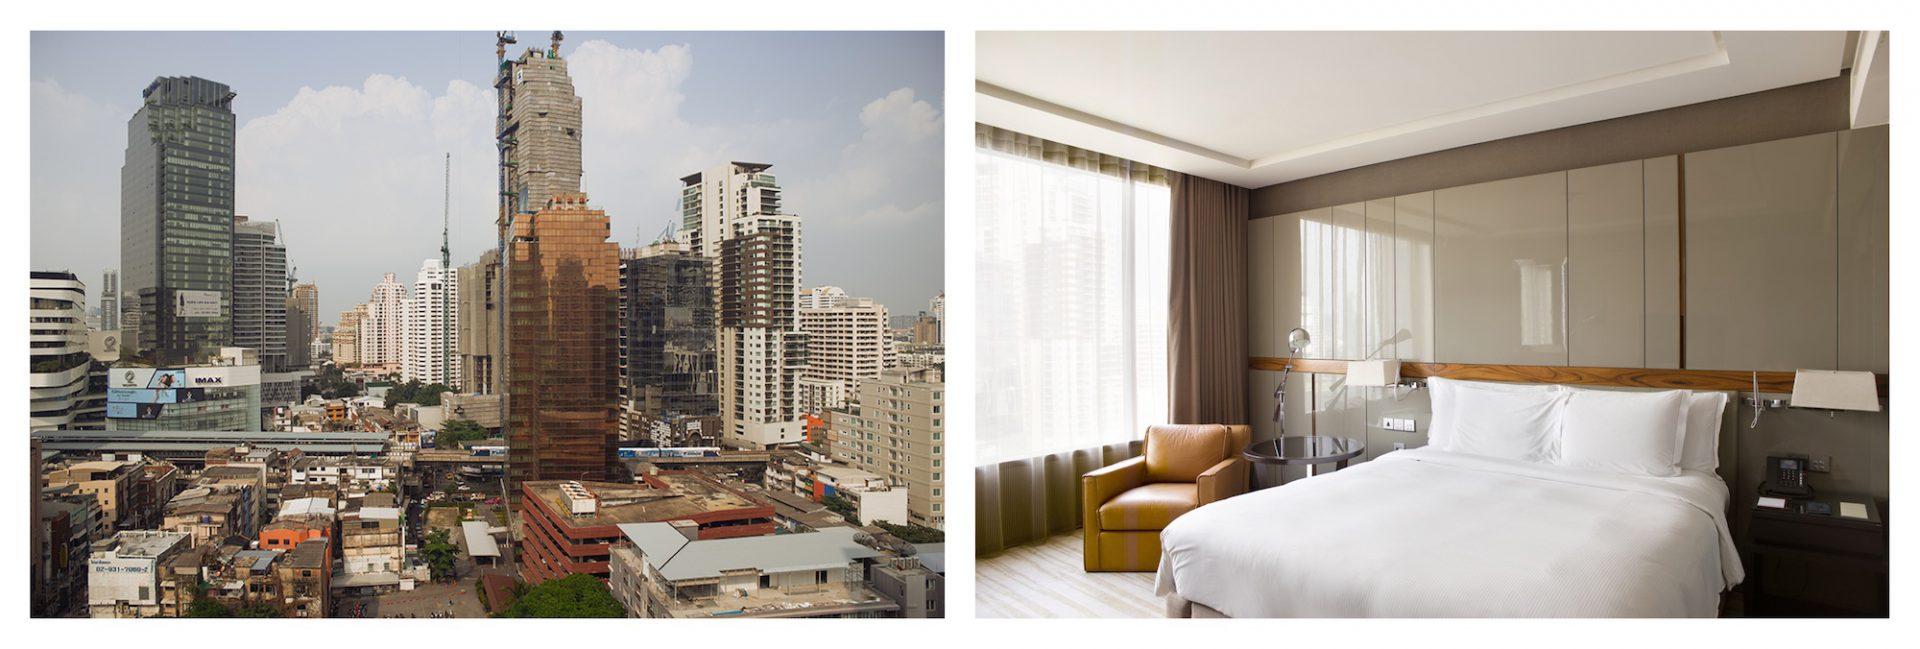 Seite 58–59. 21.10.2015, Bangkok, Room 1608